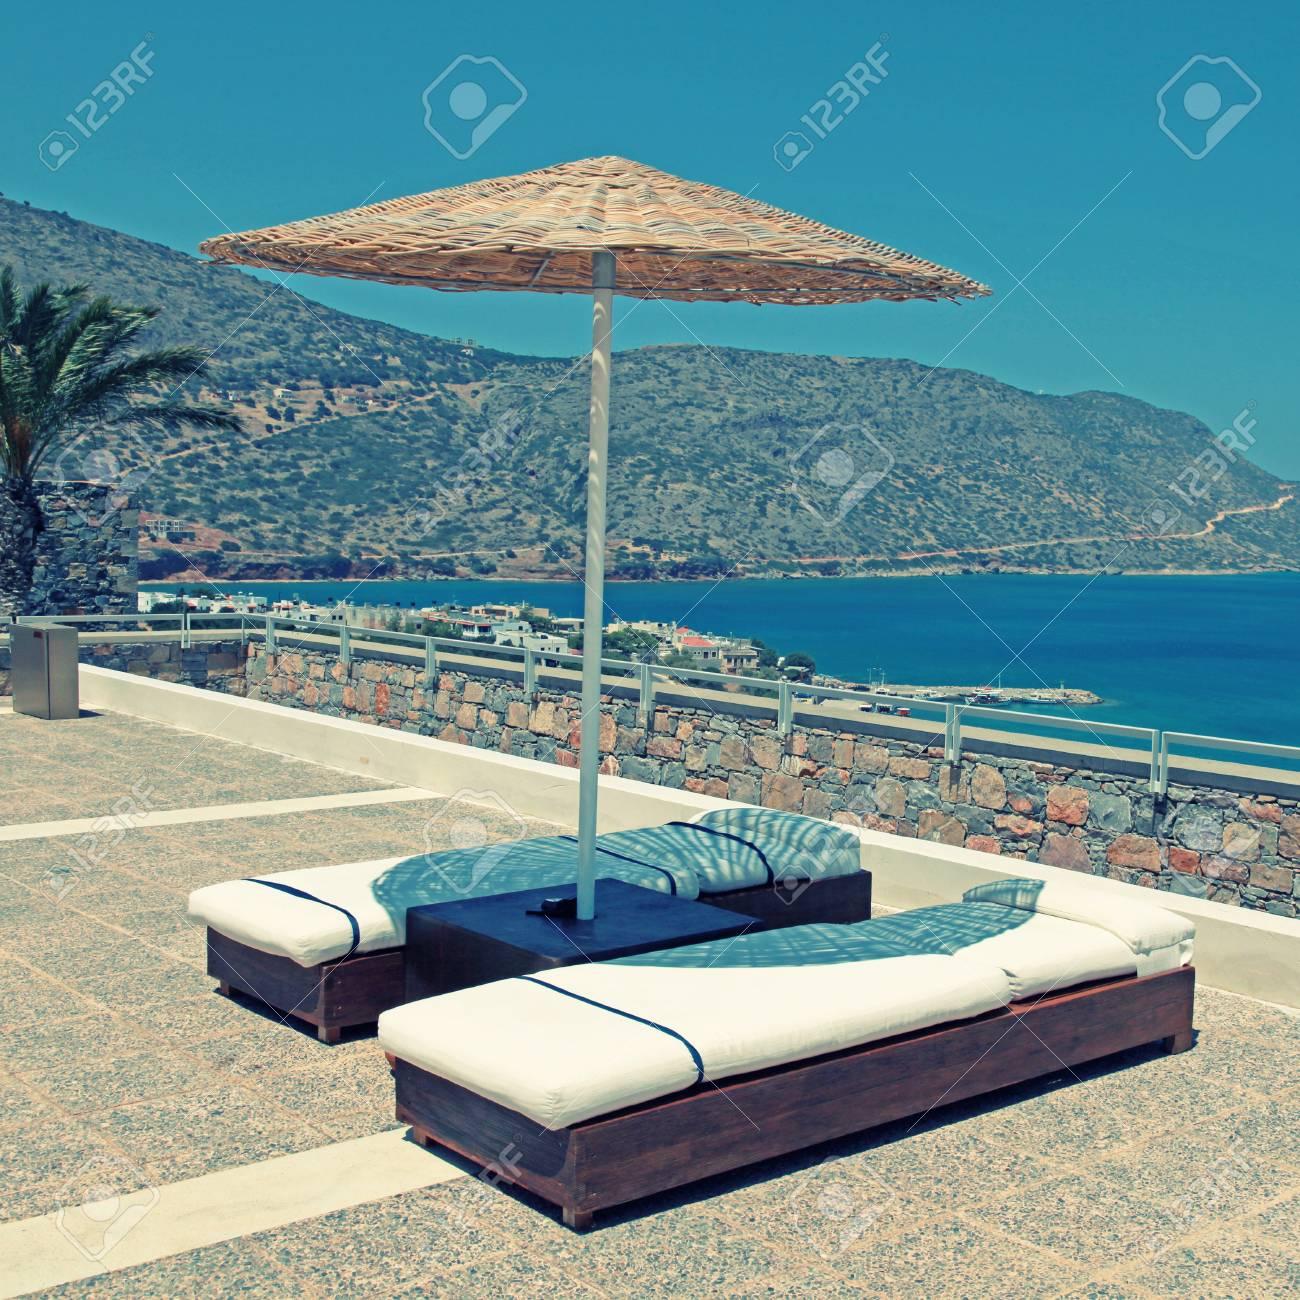 Tumbonas Y Sombrillas En La Terraza En Un Lugar De Veraneo De Lujo Con Vistas Al Mar Mediterráneo Creta Grecia